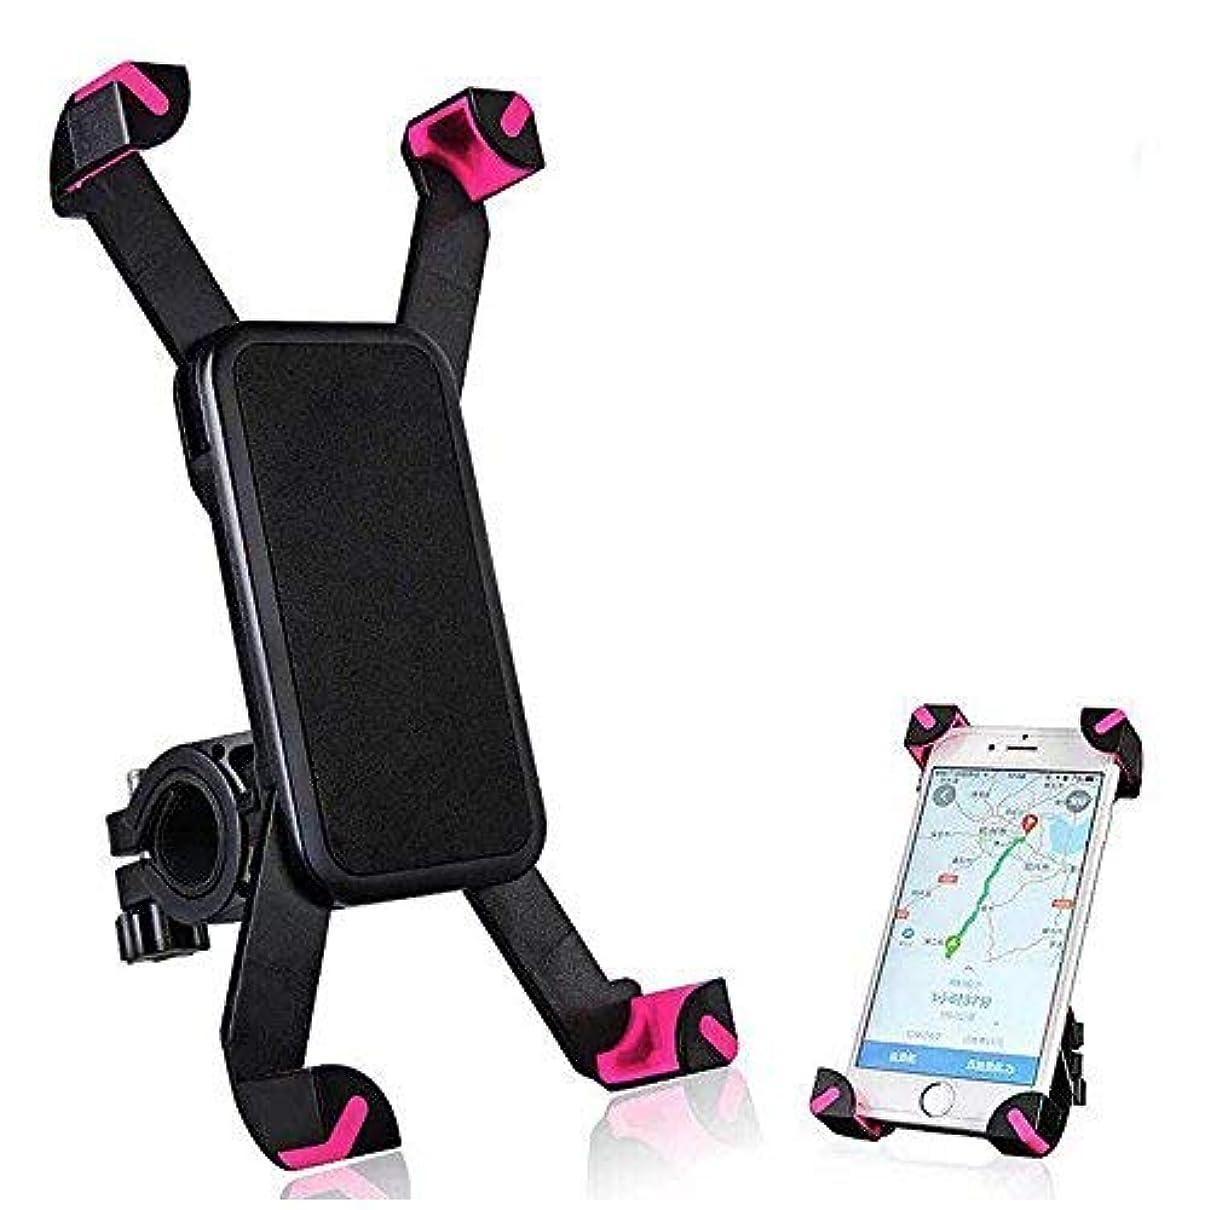 銃あなたのものにぎやかSenkusya 自転車ホルダー スマートフォン GPSナビ 携帯 固定用 自転車用スタンド バイクスマホホルダ 360度回転 脱落防止 多機種対応 角度調整